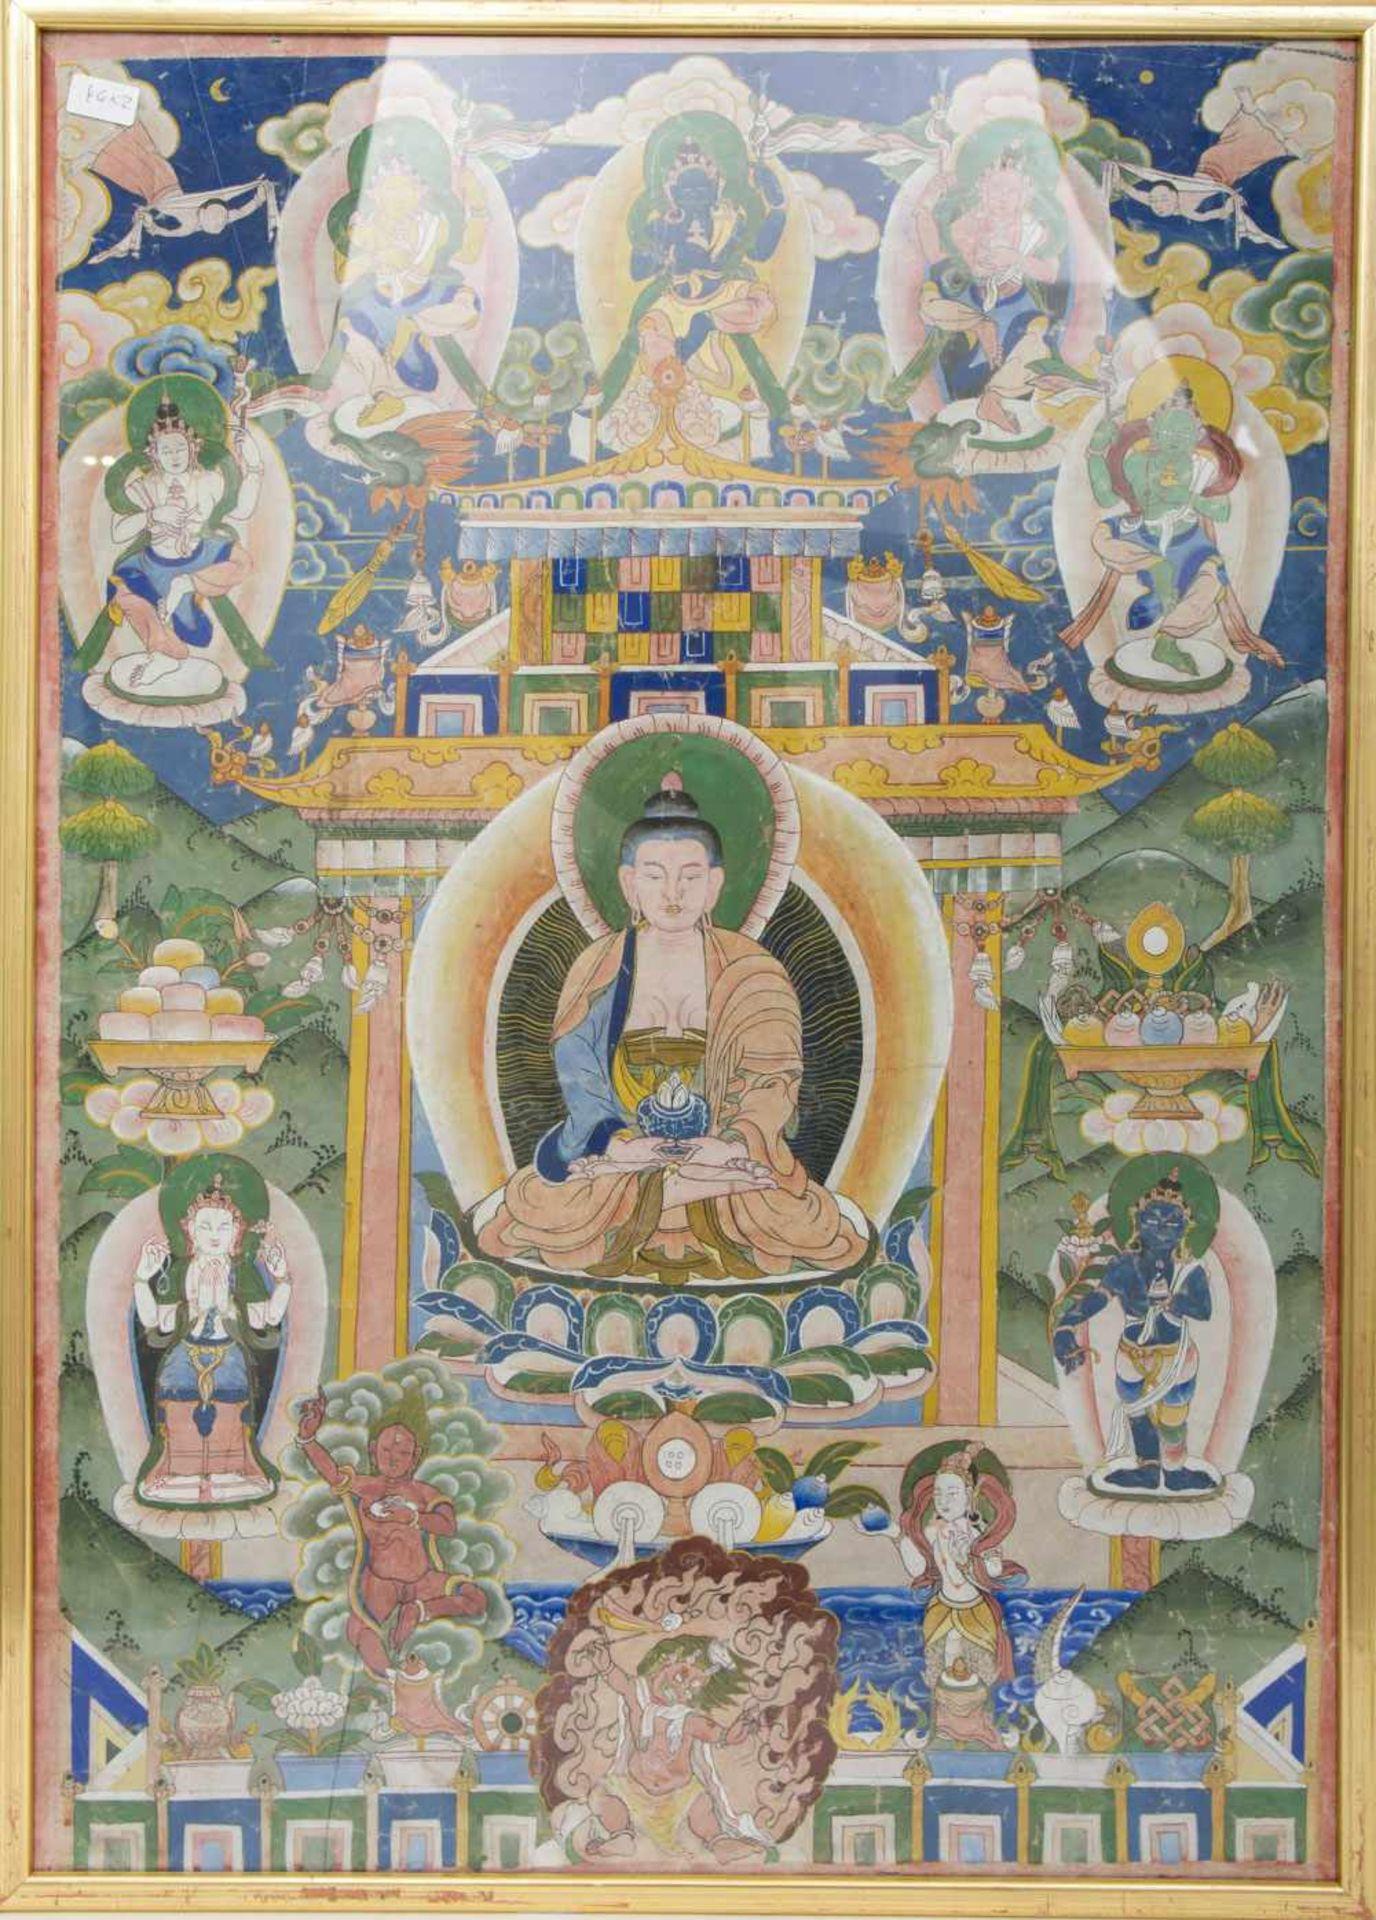 Los 4 - ZWEI THANGKAS, Nepal spätes 19. Jahrhundert Zwei Thangkas (einer gerahmt), Herkunft aus Nepal des